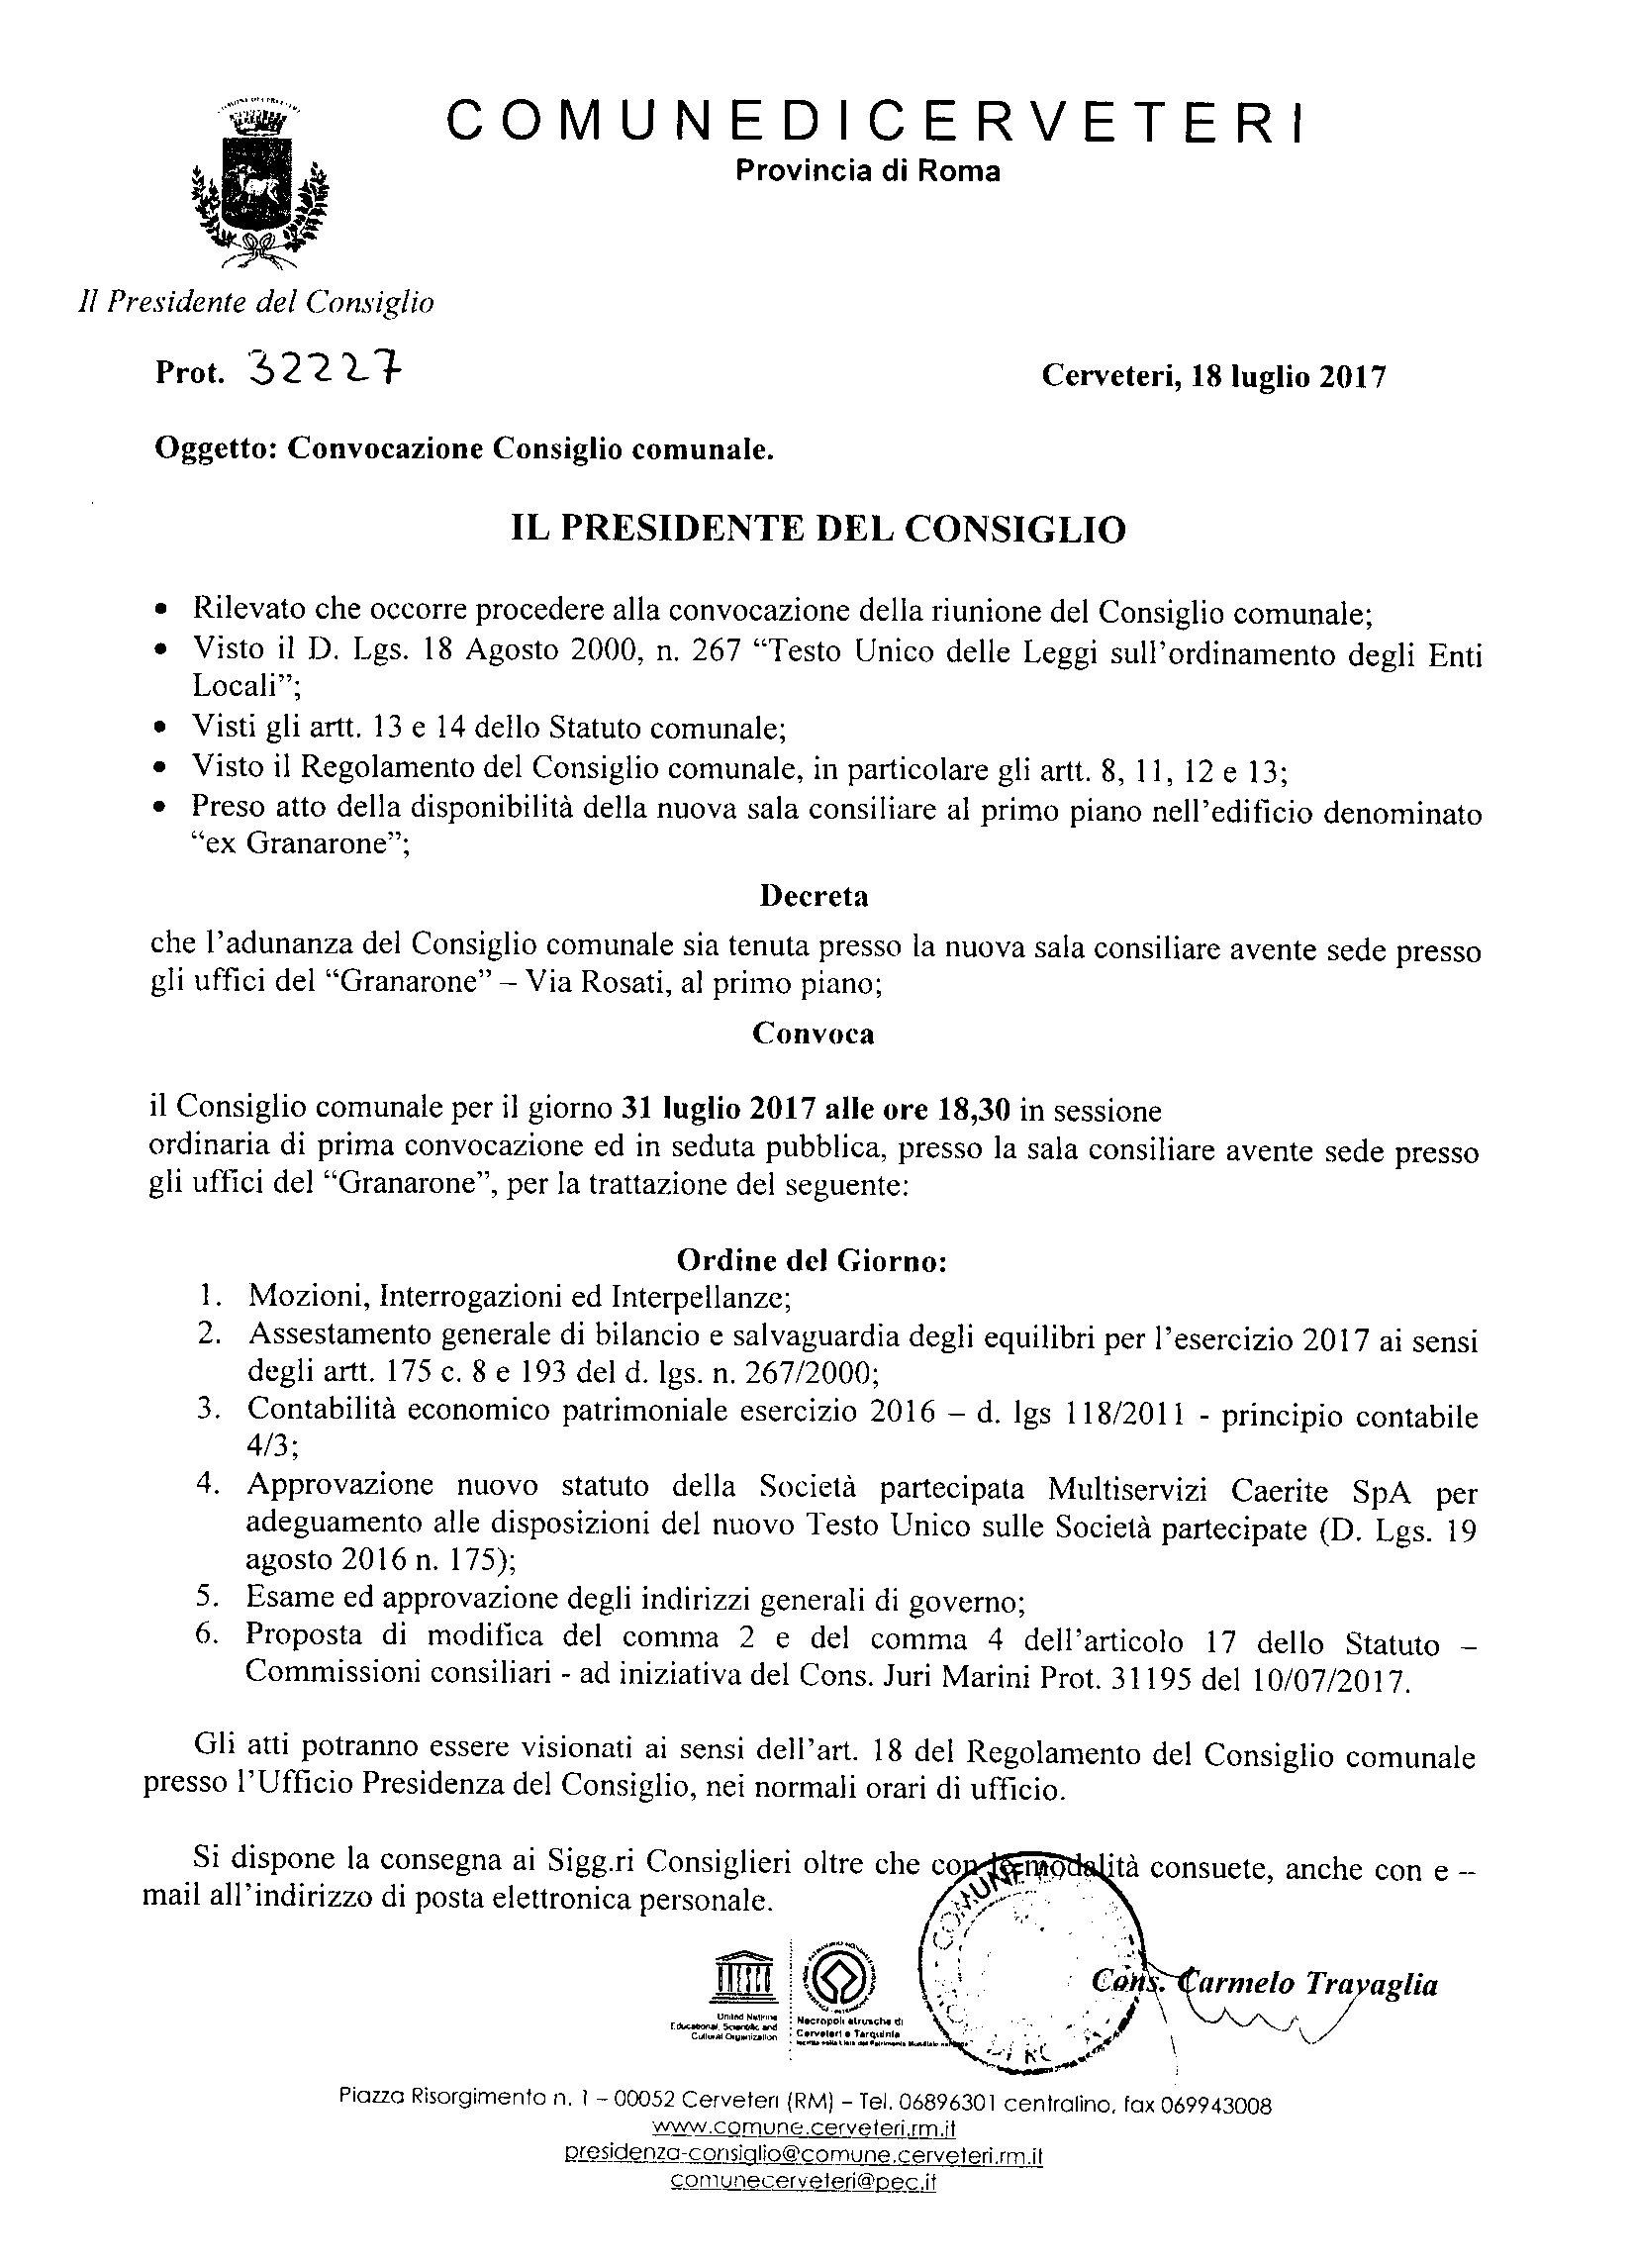 Convocazione Consiglio Comunale del 31/07/2017